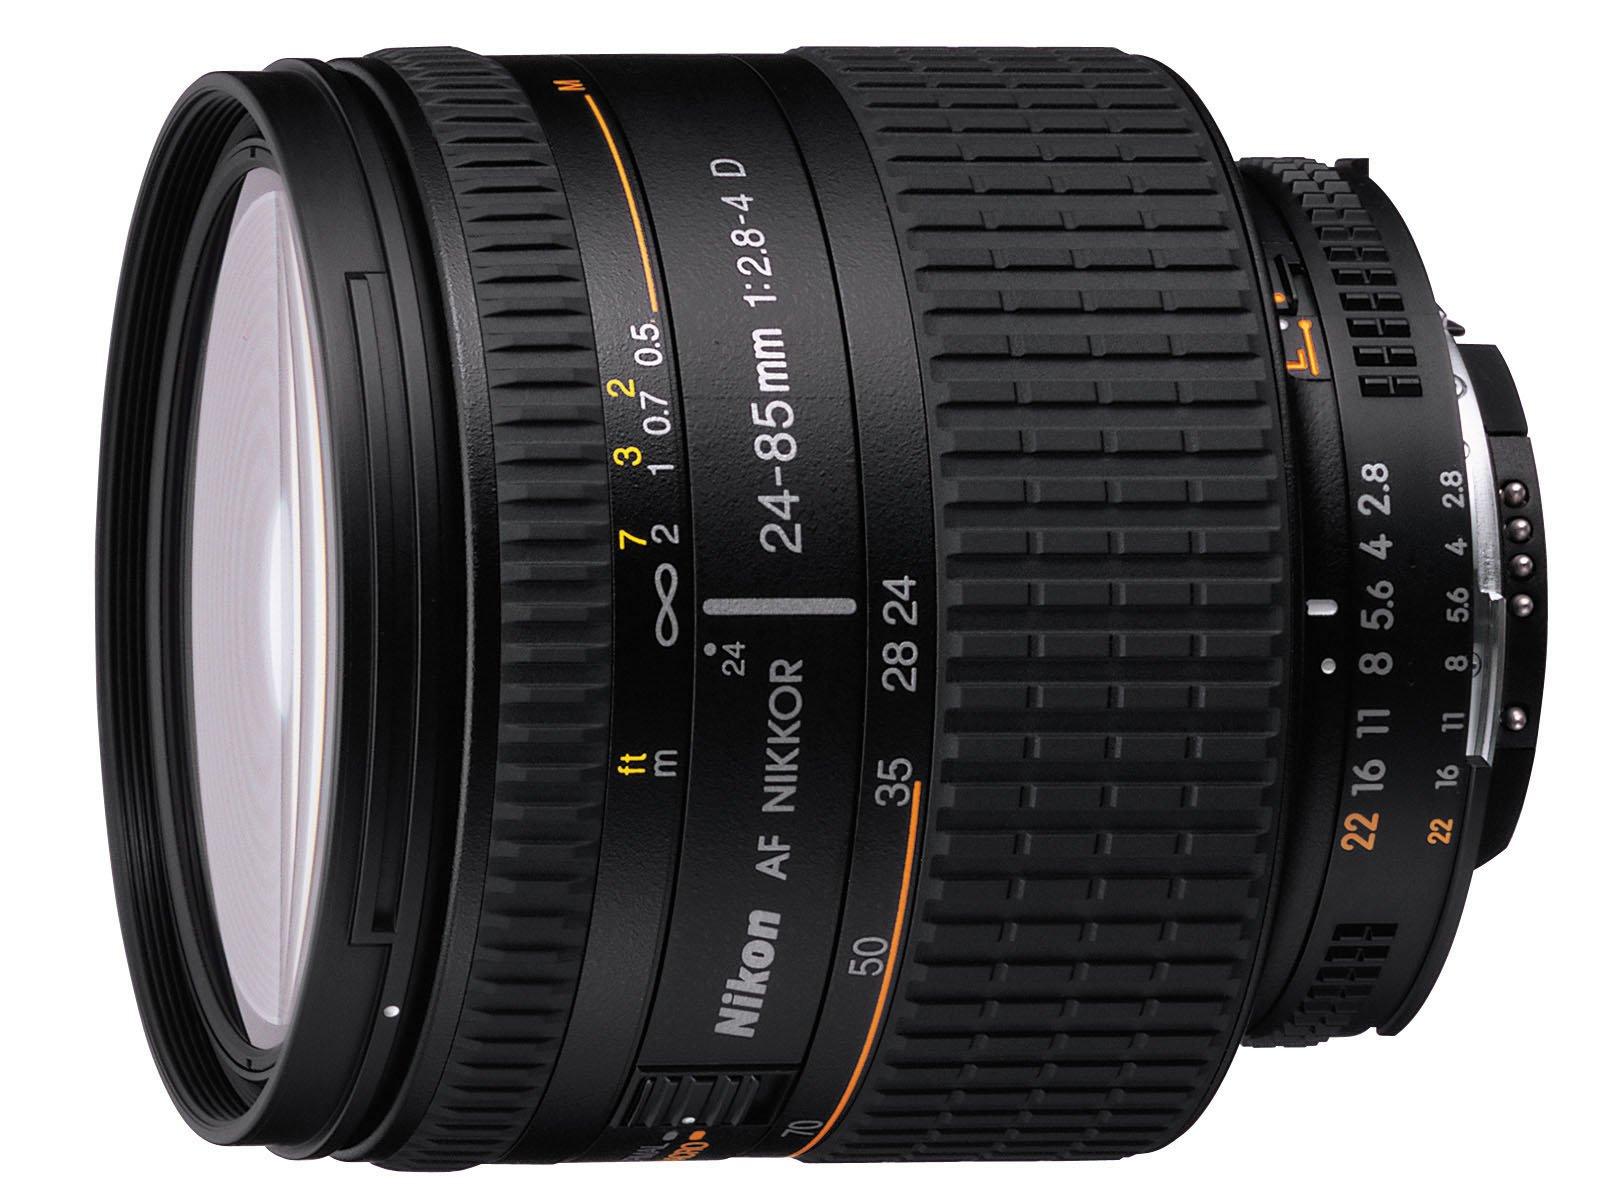 Nikon 24-85mm f/2.8-4D IF AF NIKKOR